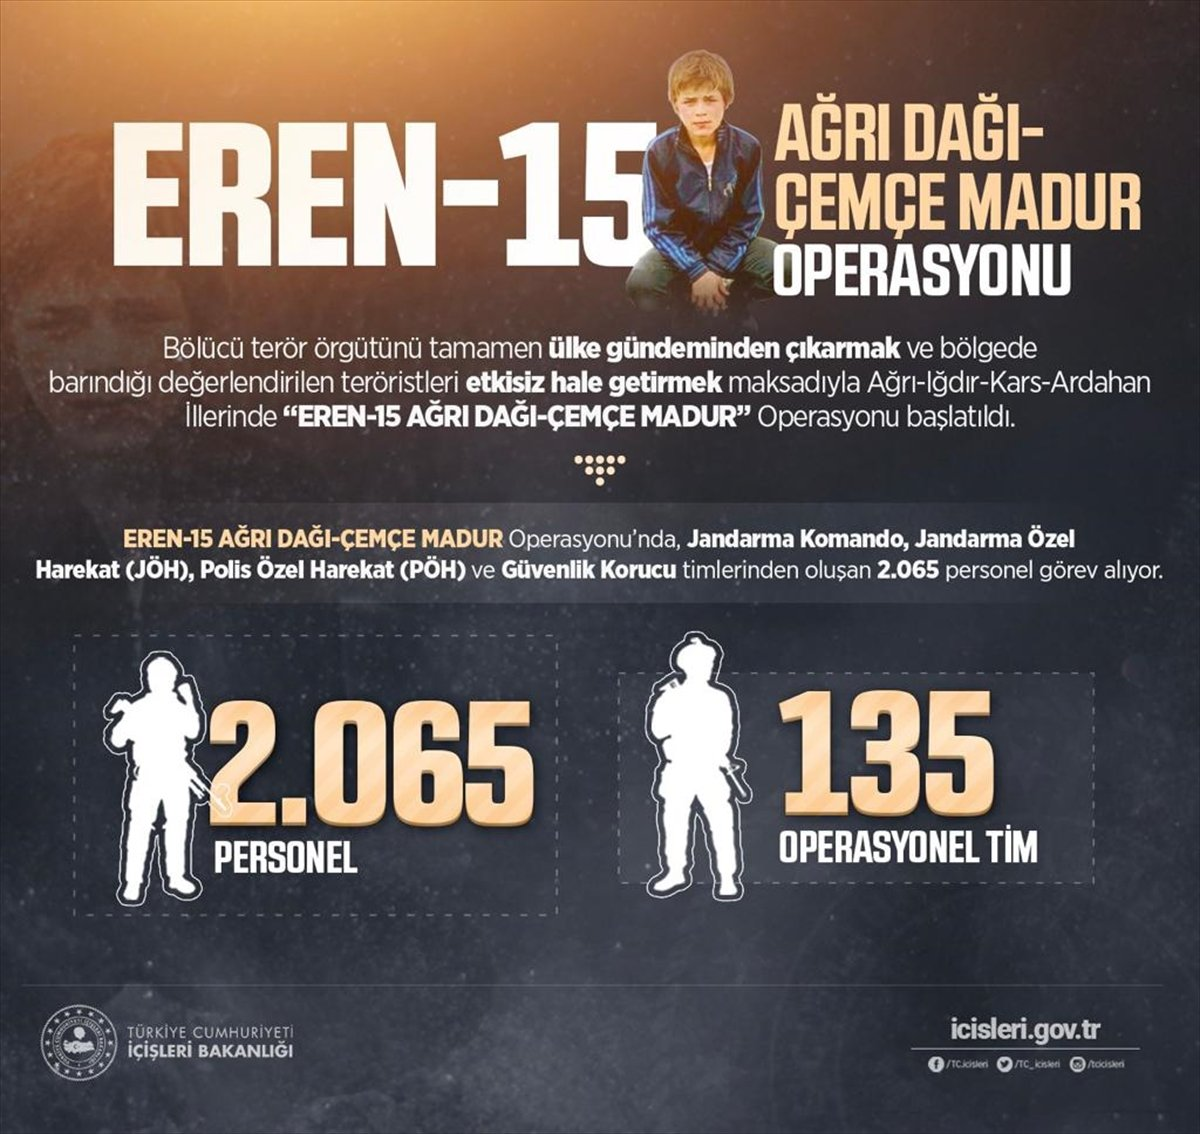 Eren-15 Ağrı Dağı-Çemçe Madur Operasyonu  başlatıldı #9